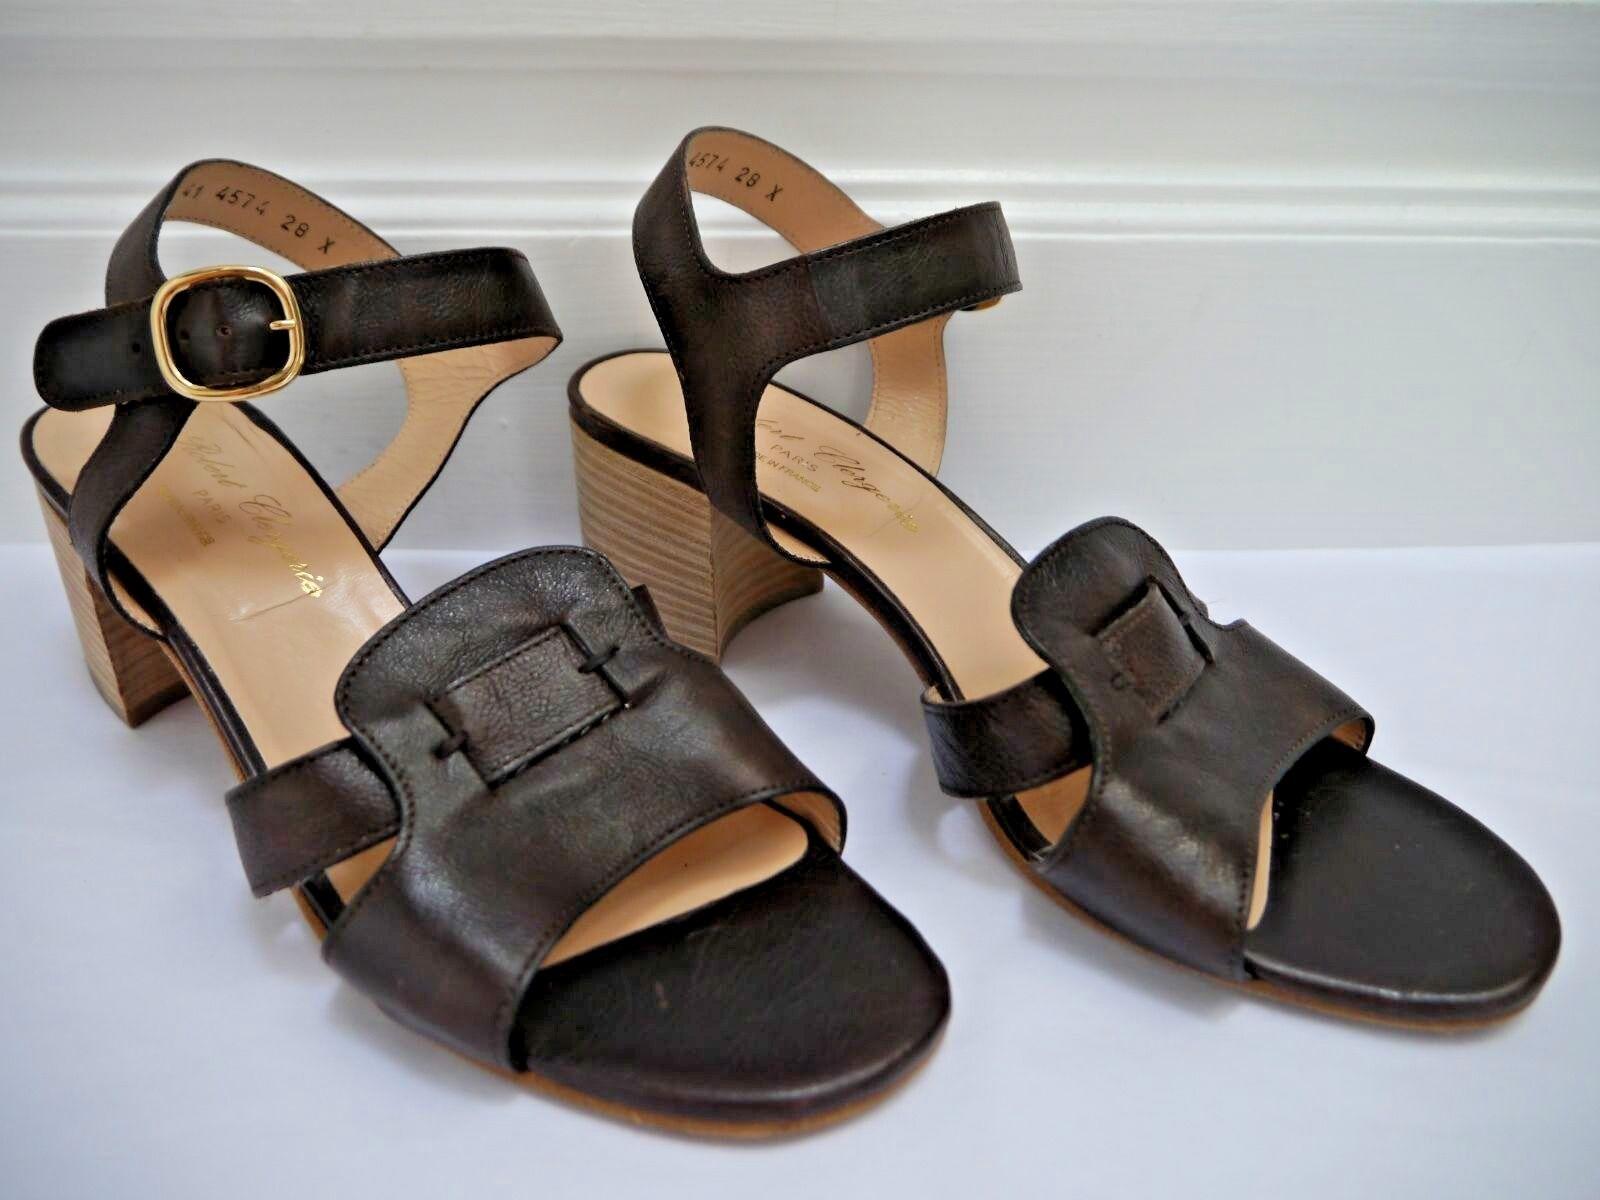 ROBERT CLERGERIE dark brown leather heeled sandals size 10